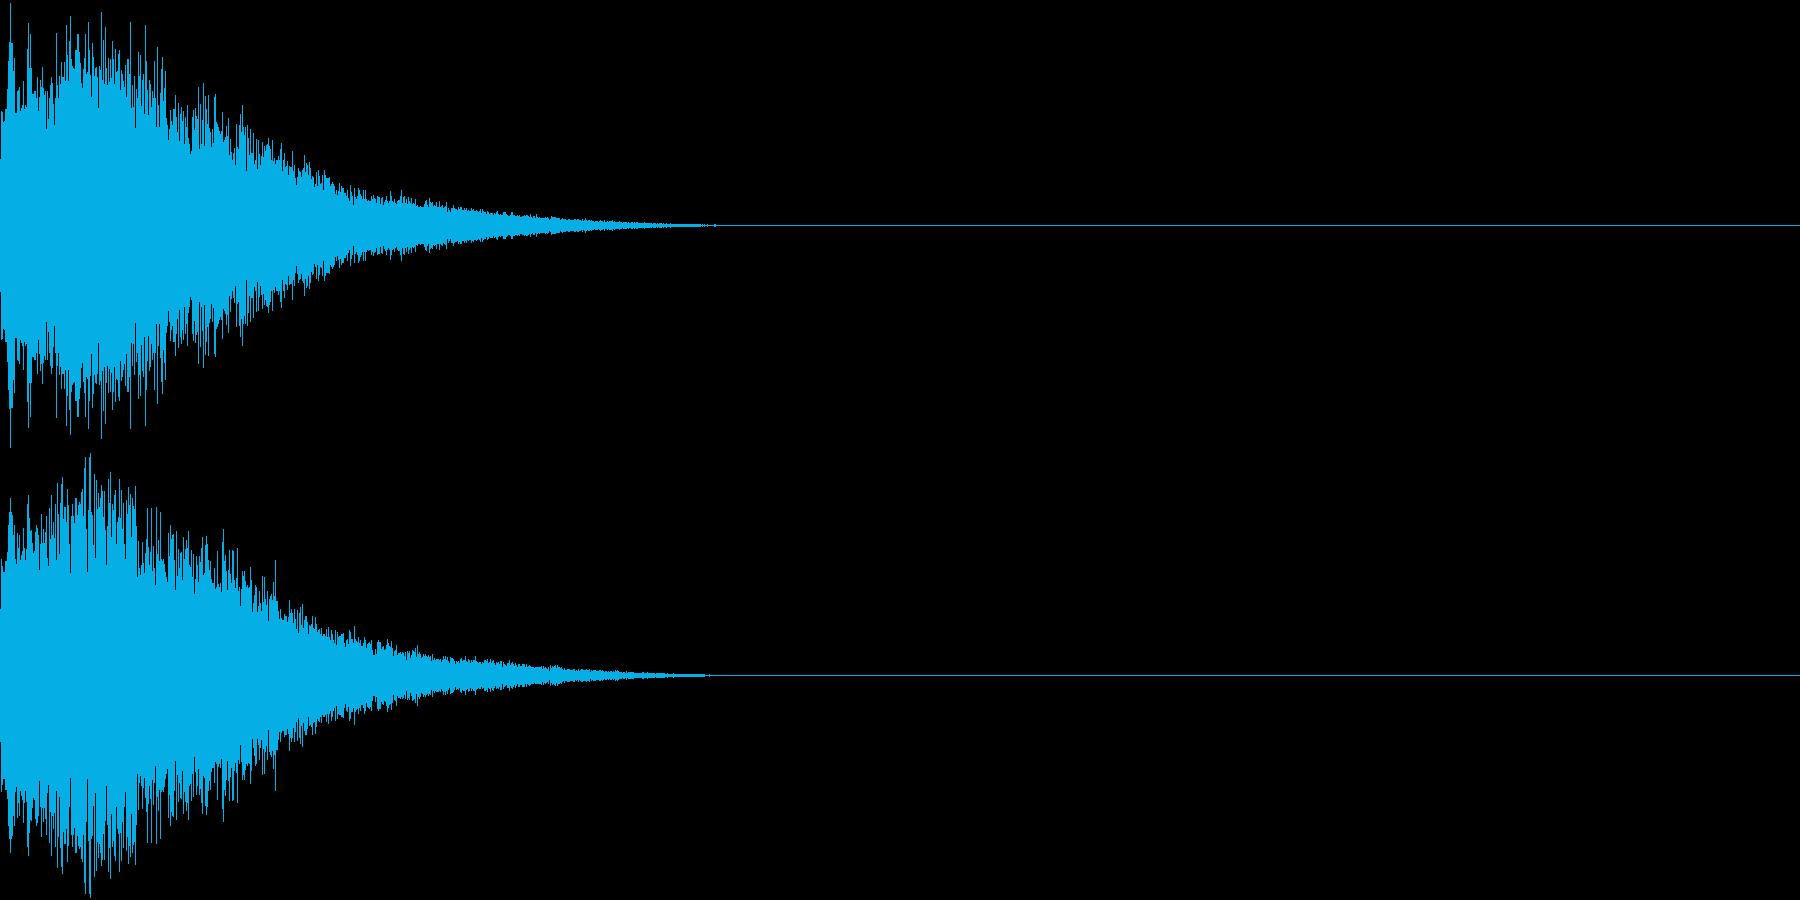 刀 剣 カキーン シャキーン 目立つ27の再生済みの波形